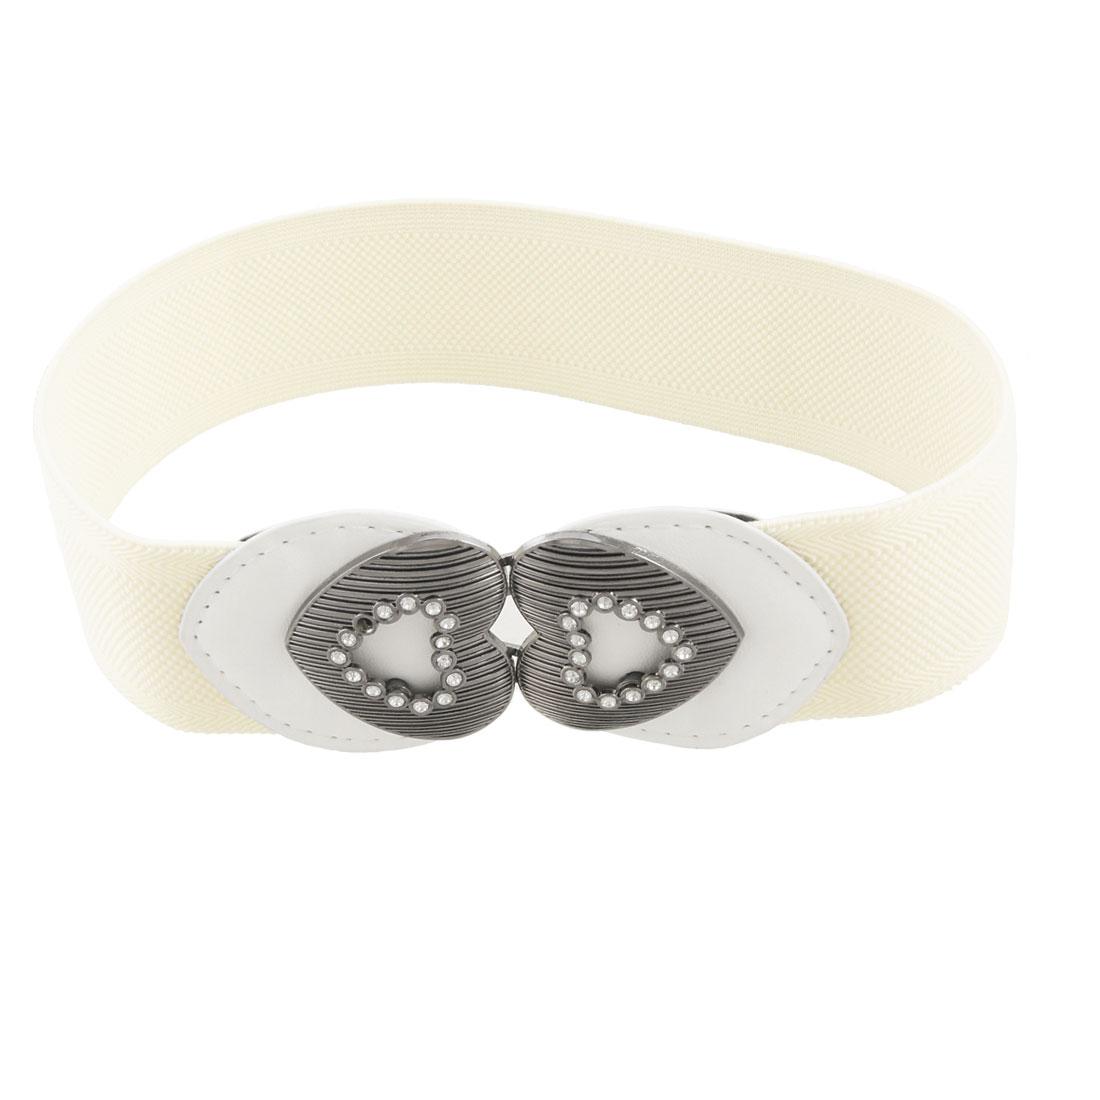 Rhinestone Decor Heart Buckle Beige Stretch Cinch Belt for Lady